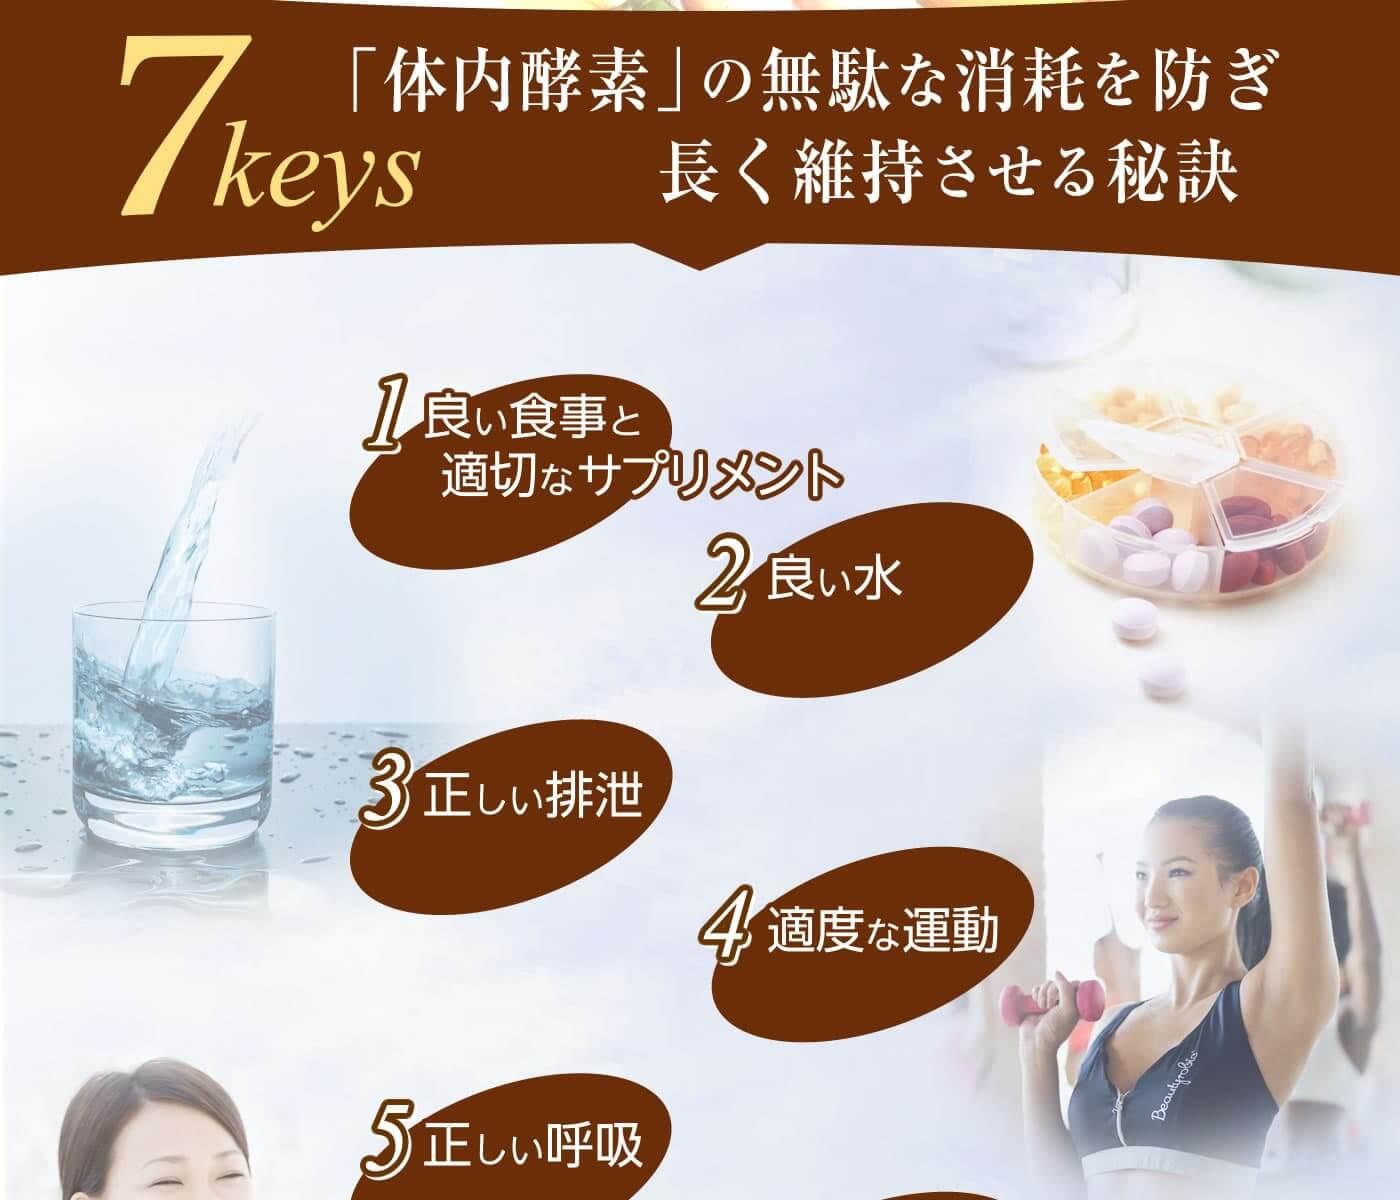 良い食事、サプリメント、良い水、正しい排泄、適度な運動、正しい呼吸